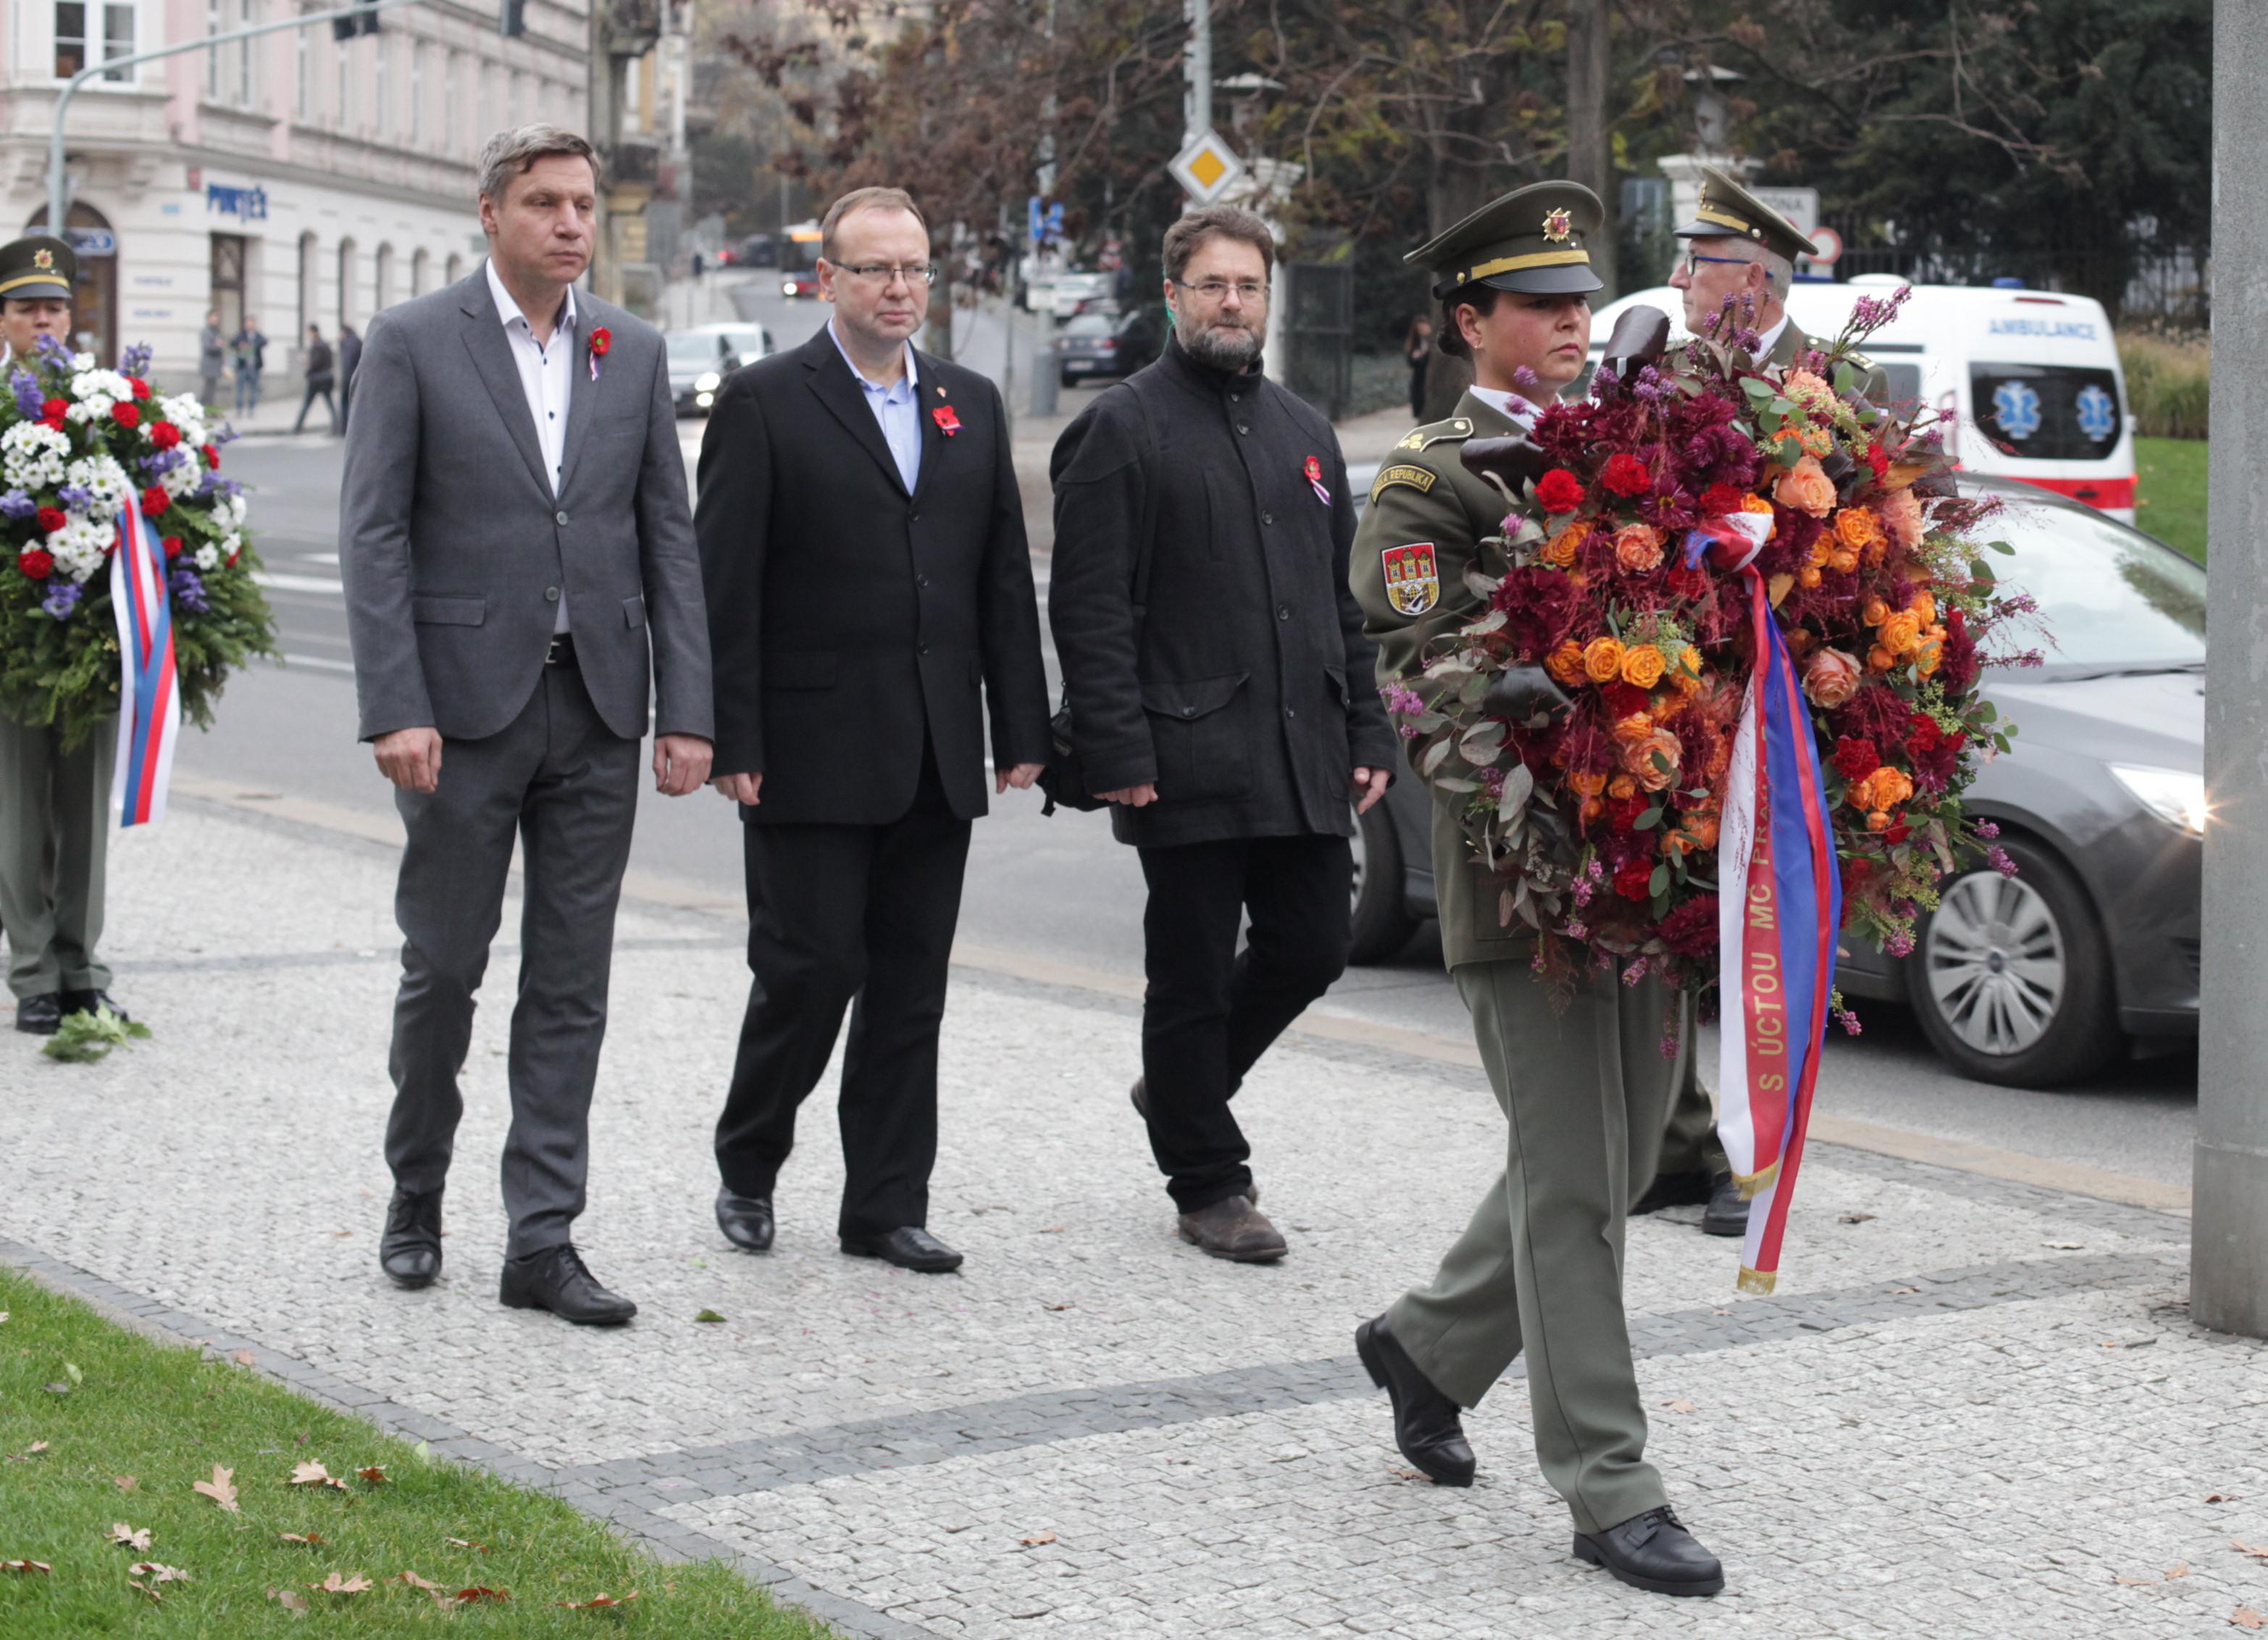 praha-5-vzpominkova-akce-ke-dni-valecnych-veteranu-a-obeti-valek